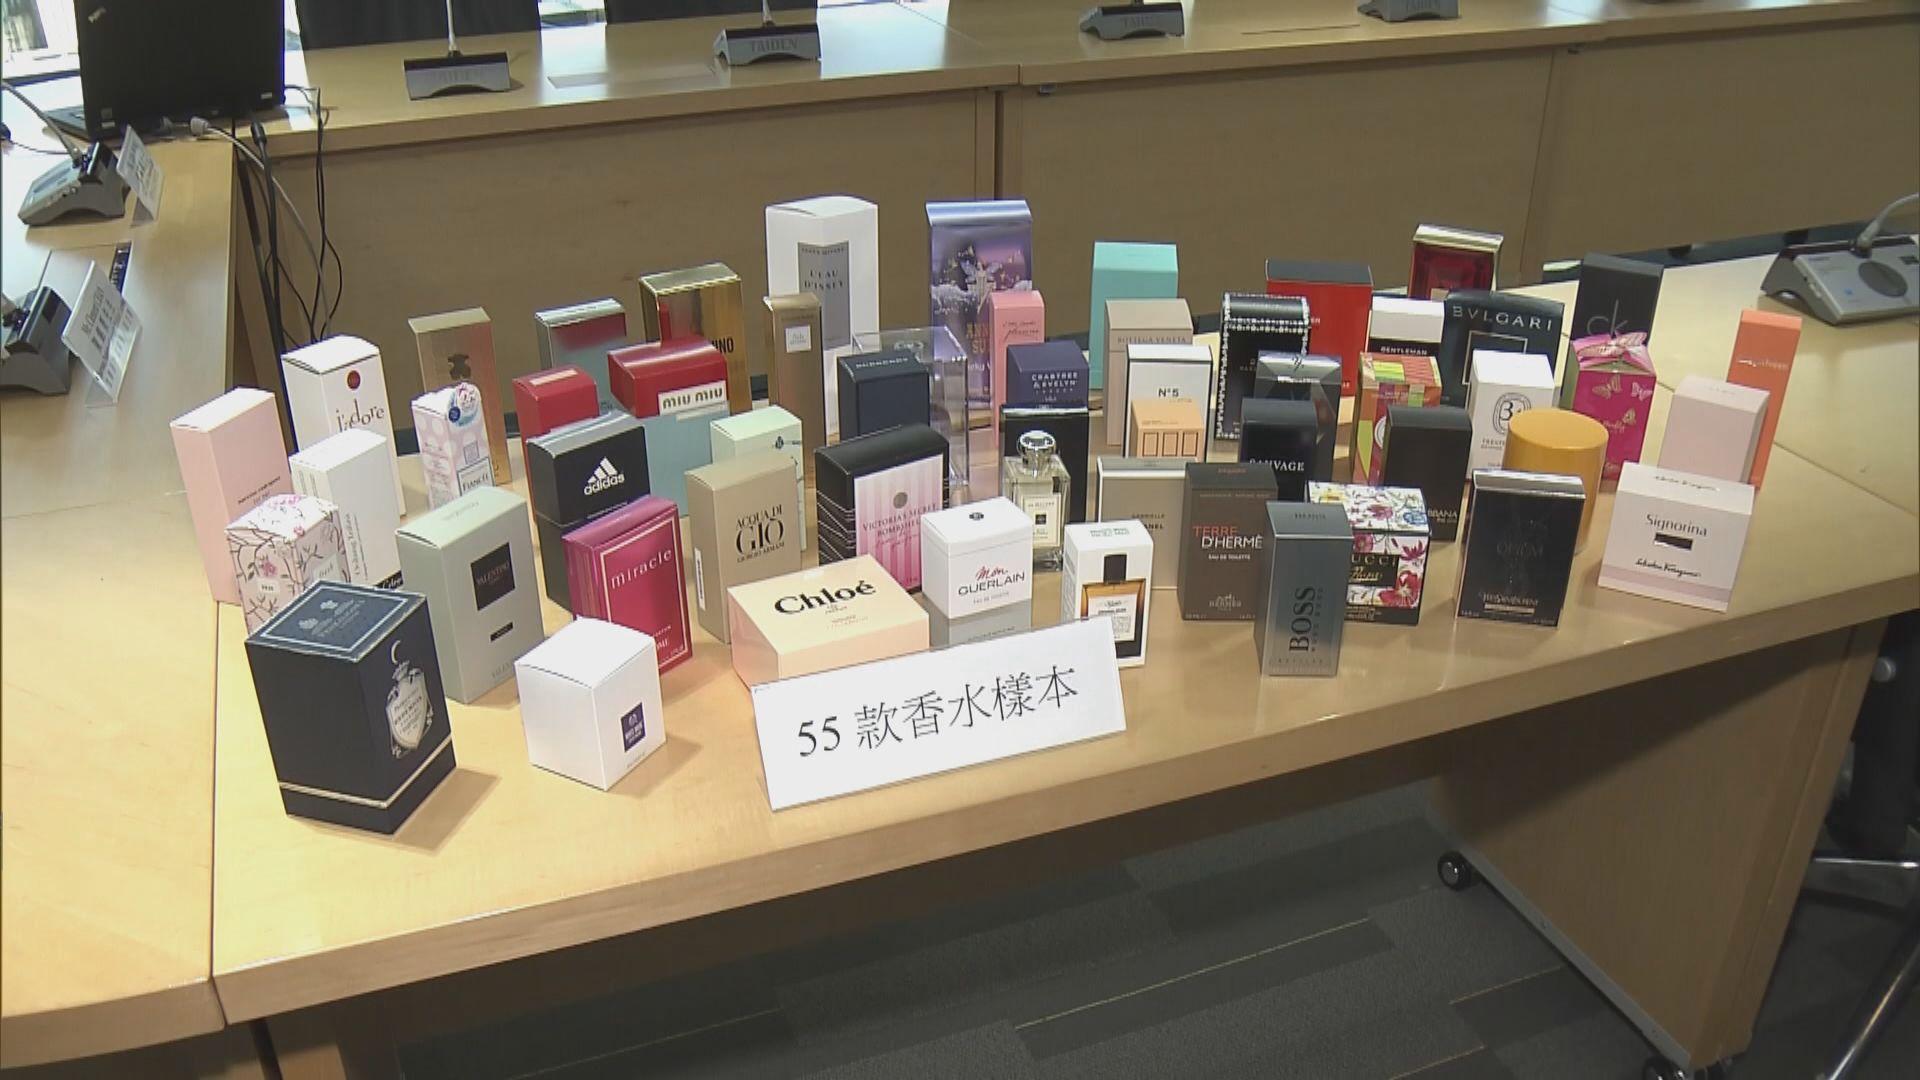 消委會籲市民購買香水前詳閱標籤